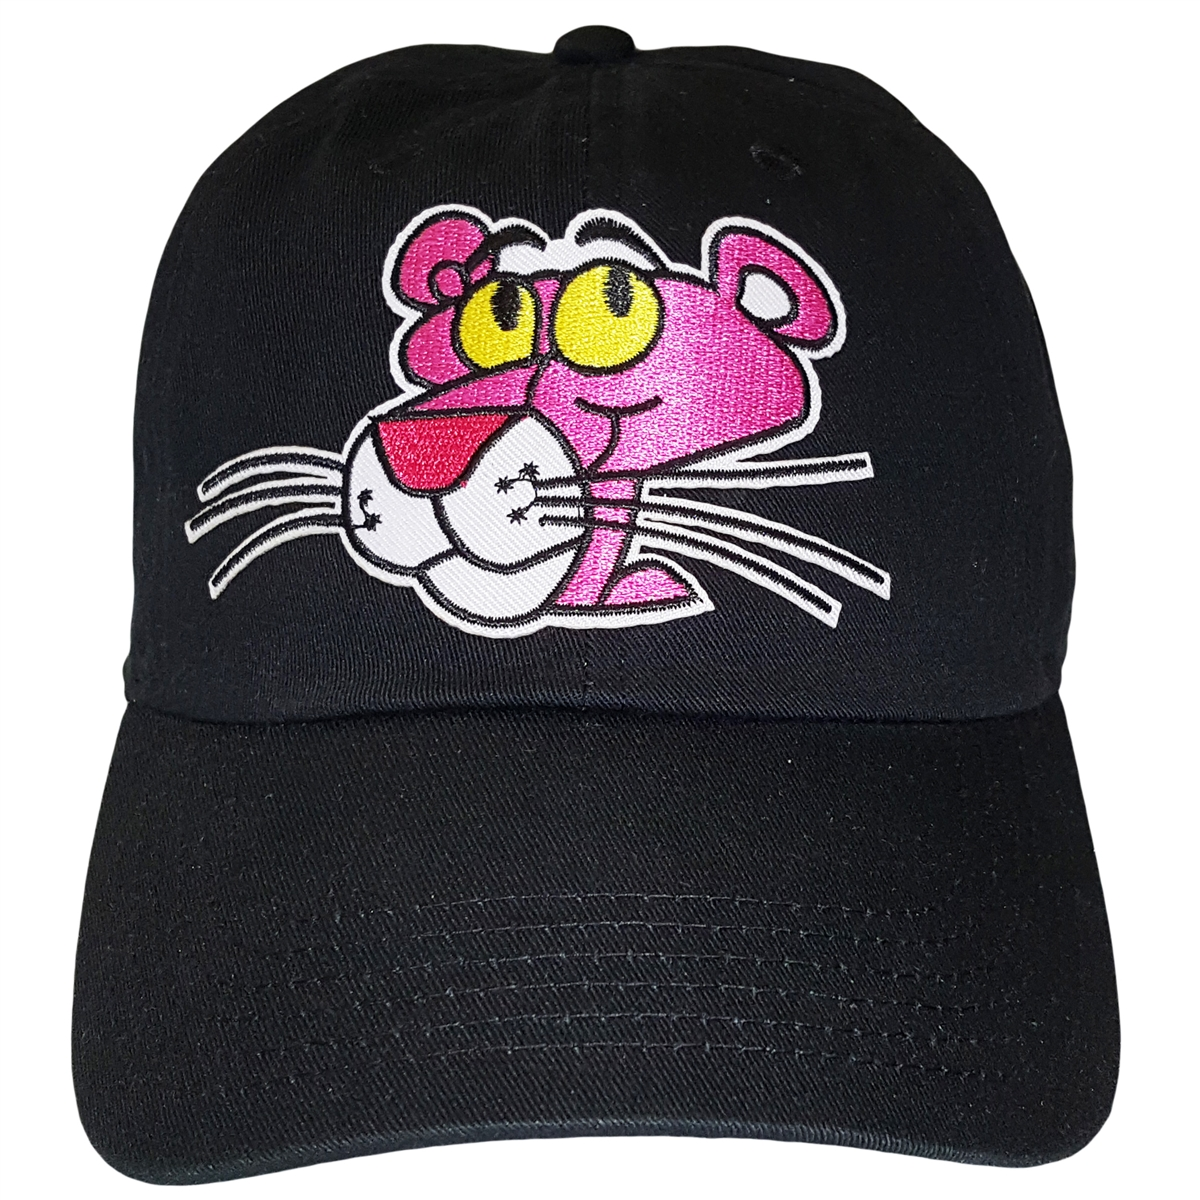 The Pink Panther Black Adjustable Strapback Hat fce2c098fe13